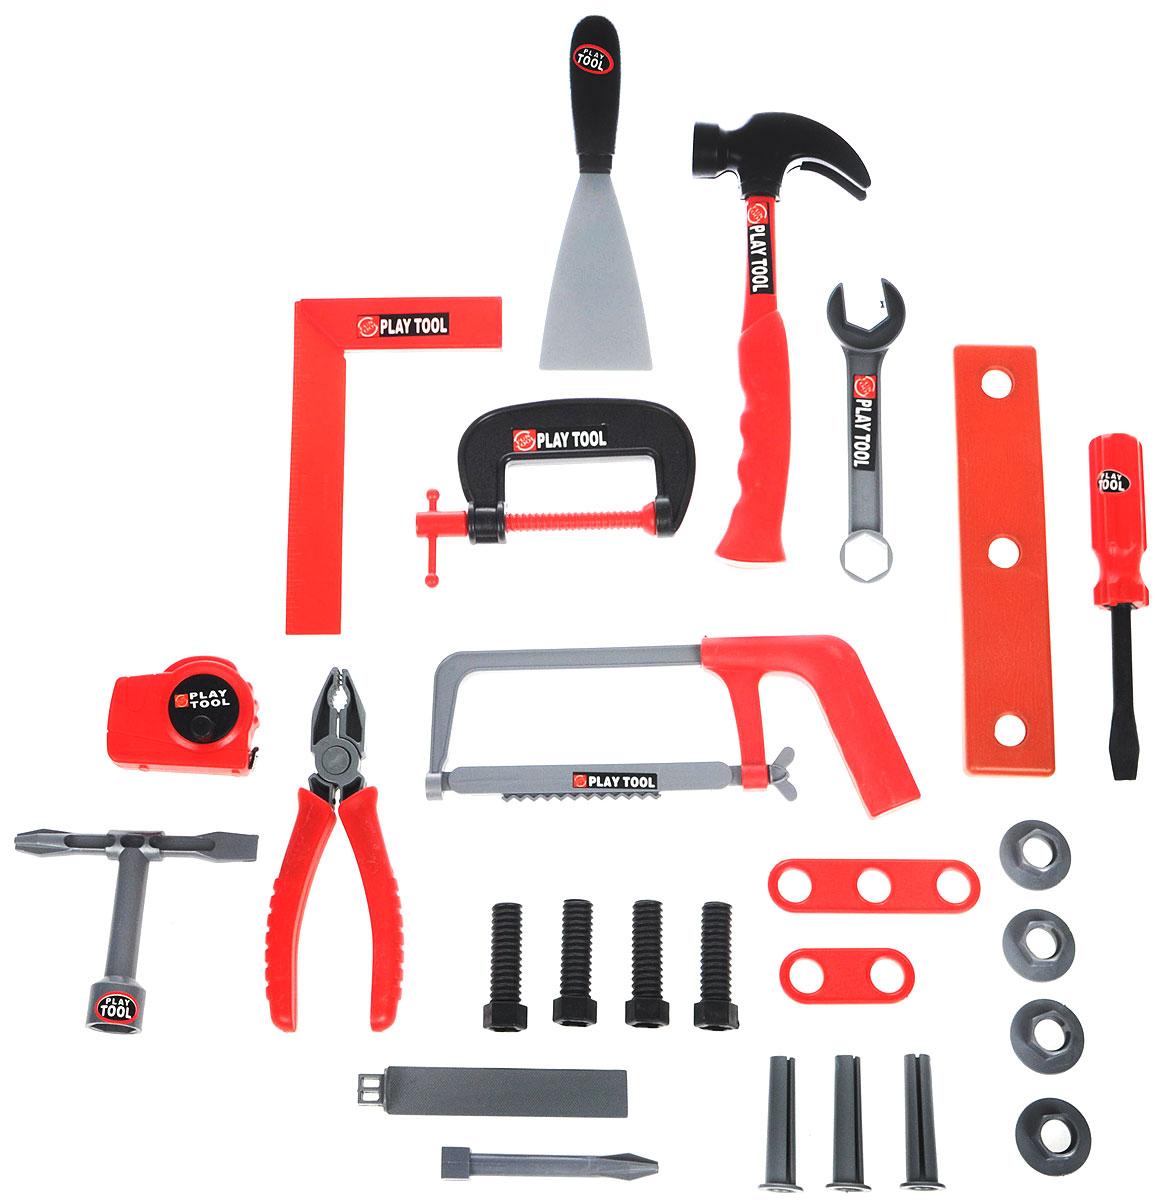 Altacto Игровой набор инструментов Верстак ножовка